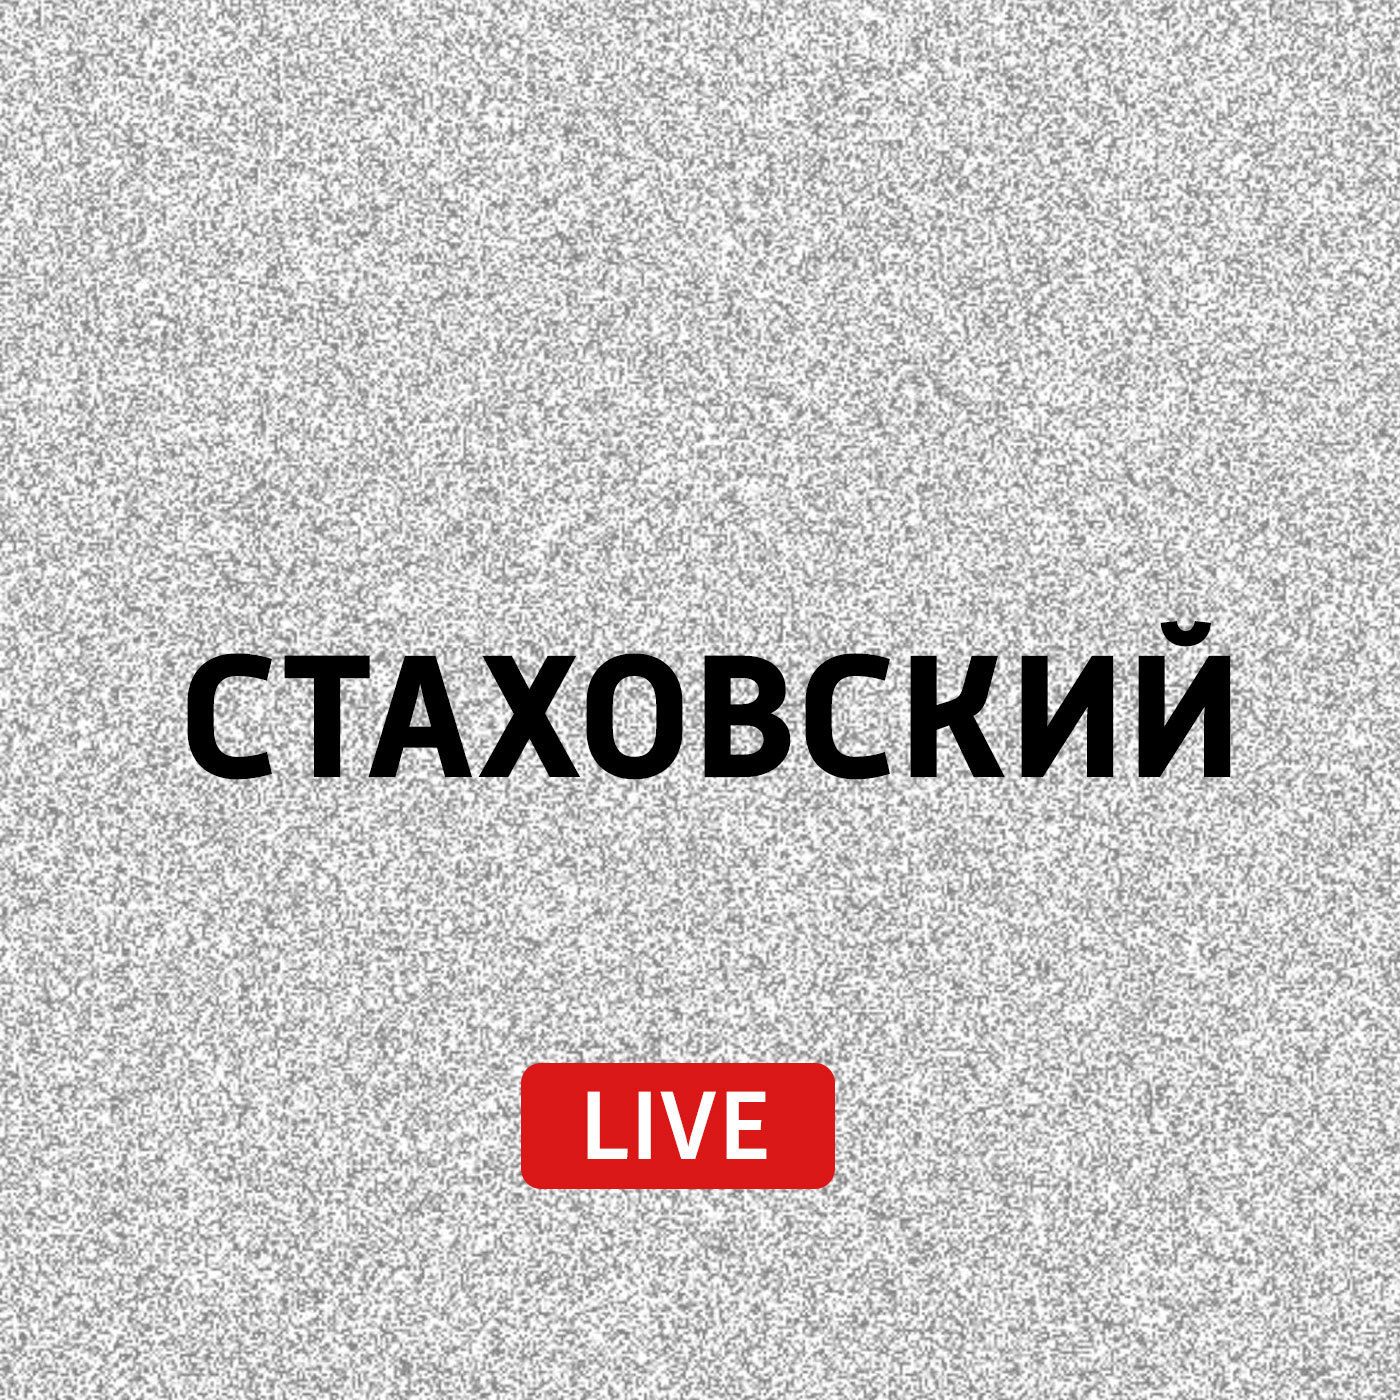 Евгений Стаховский Детективная антология евгений стаховский история джека потрошителя